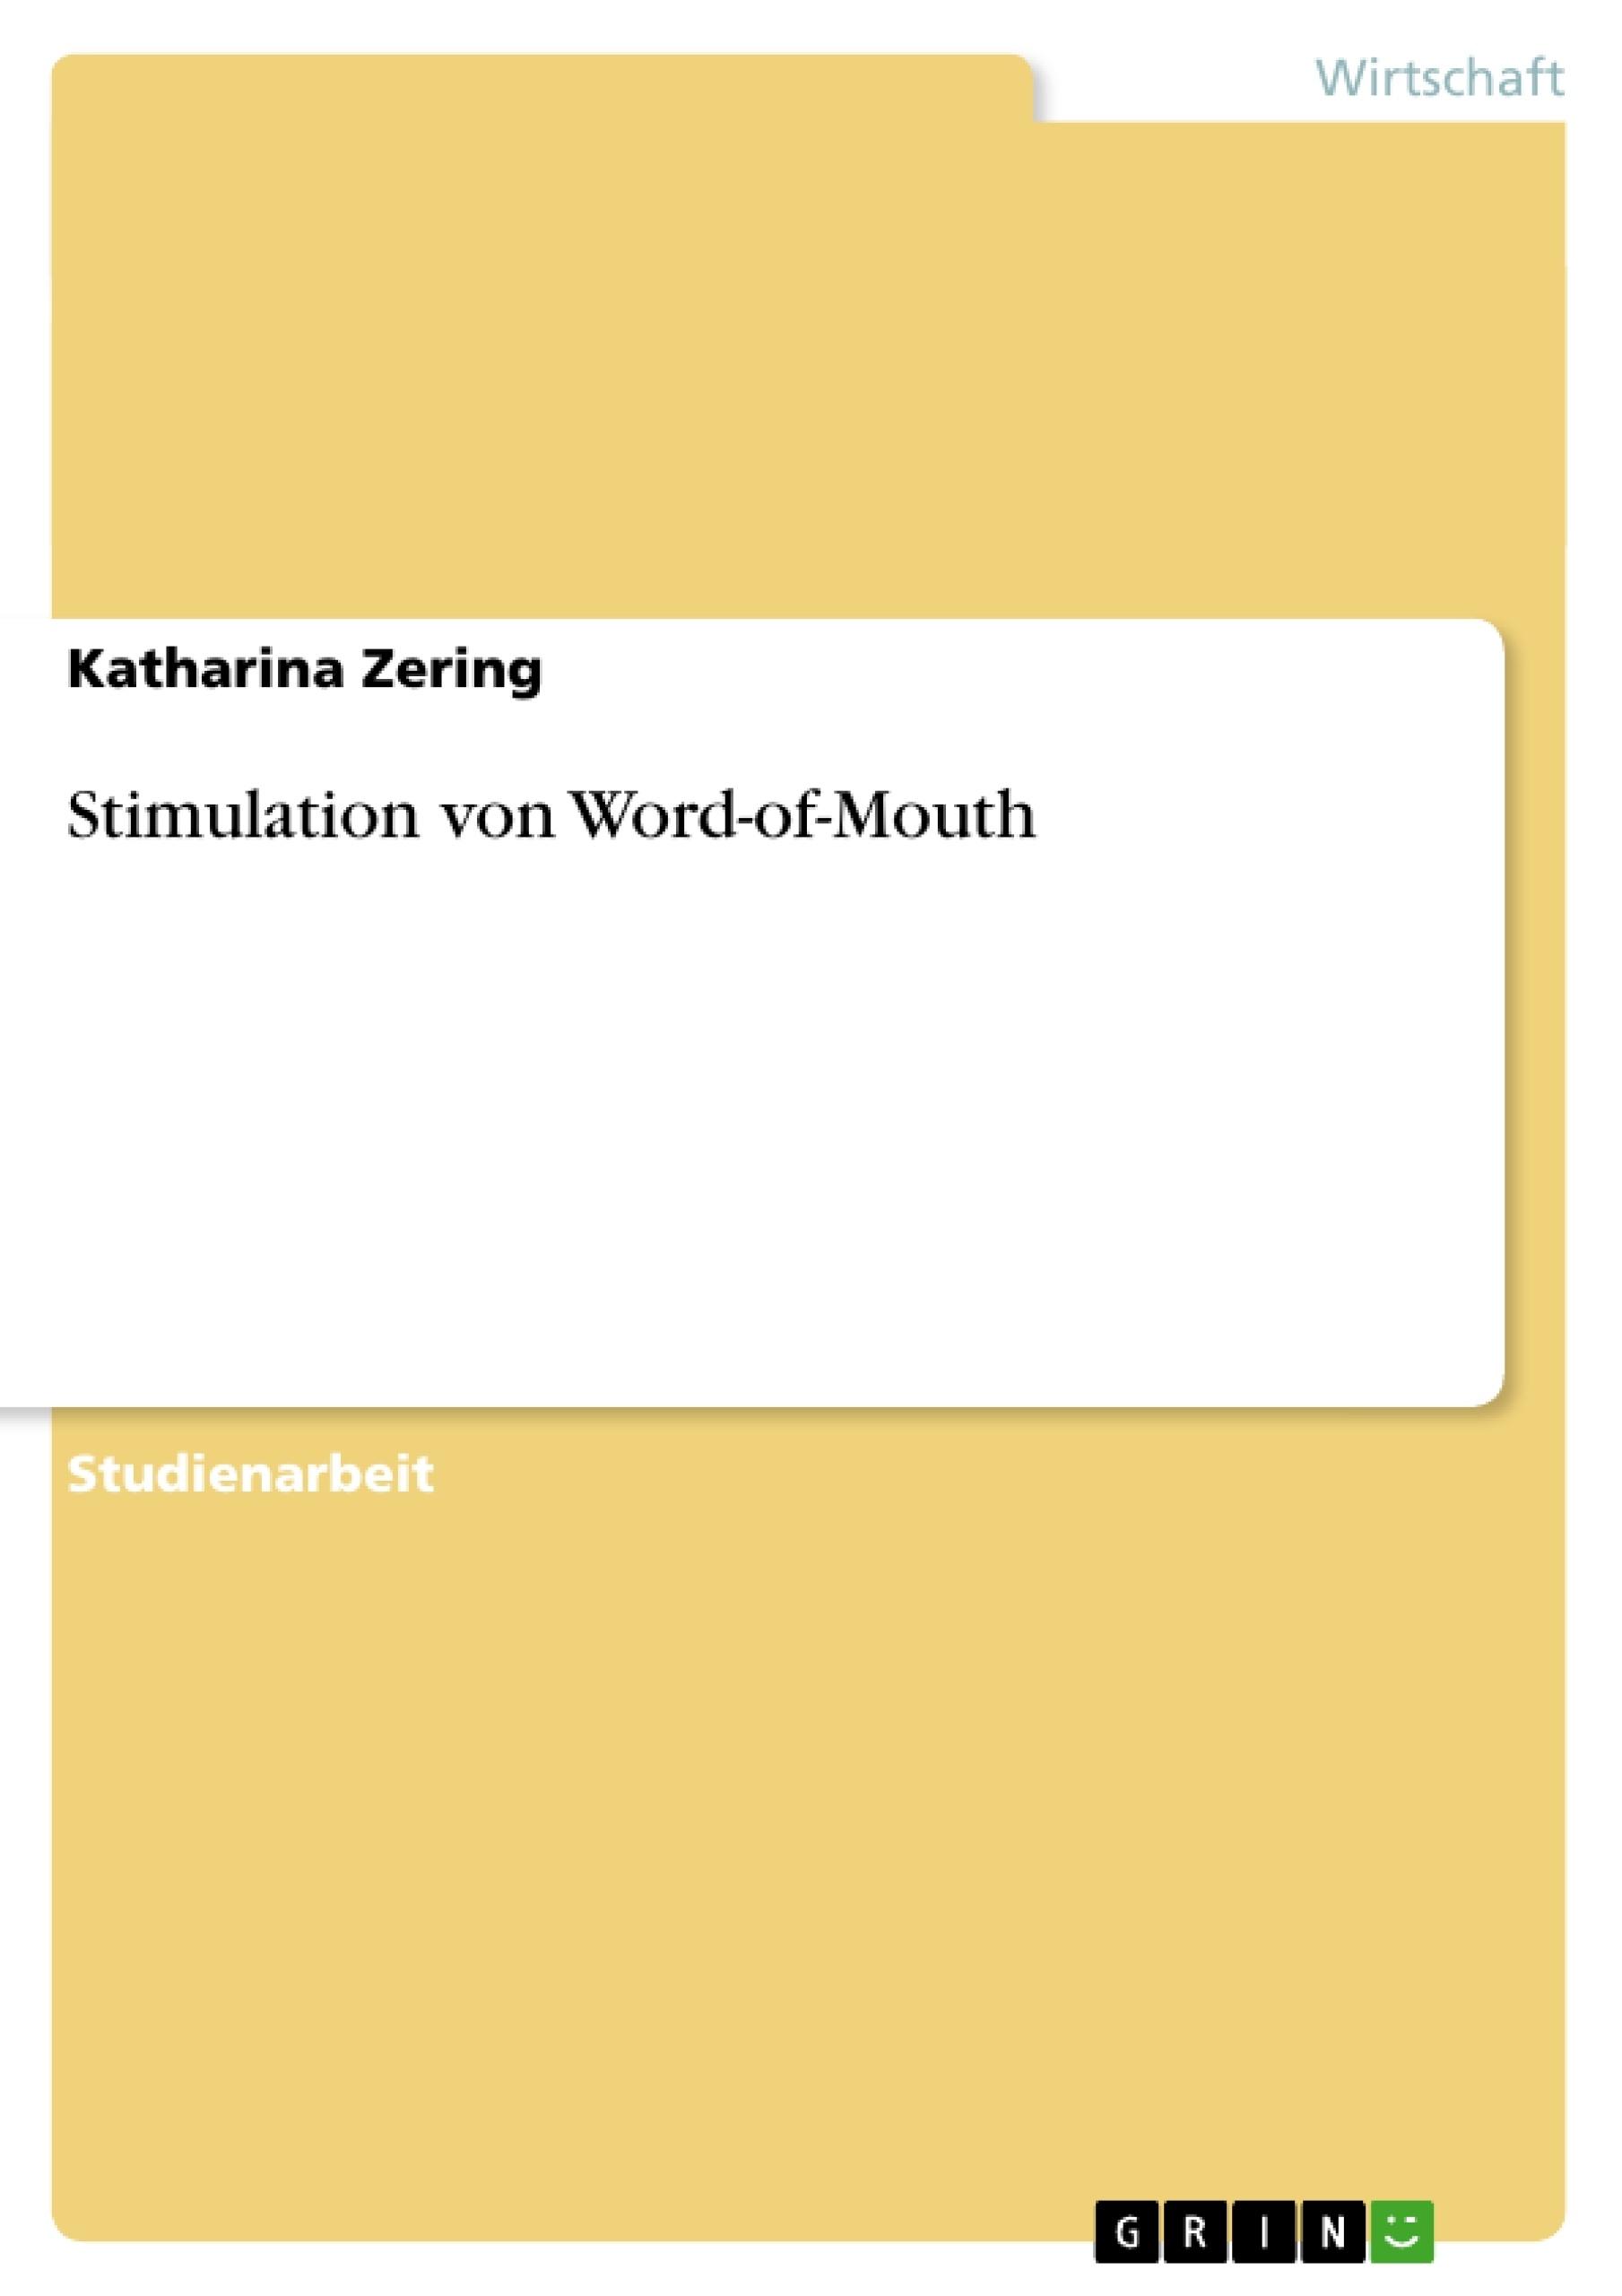 Titel: Stimulation von Word-of-Mouth